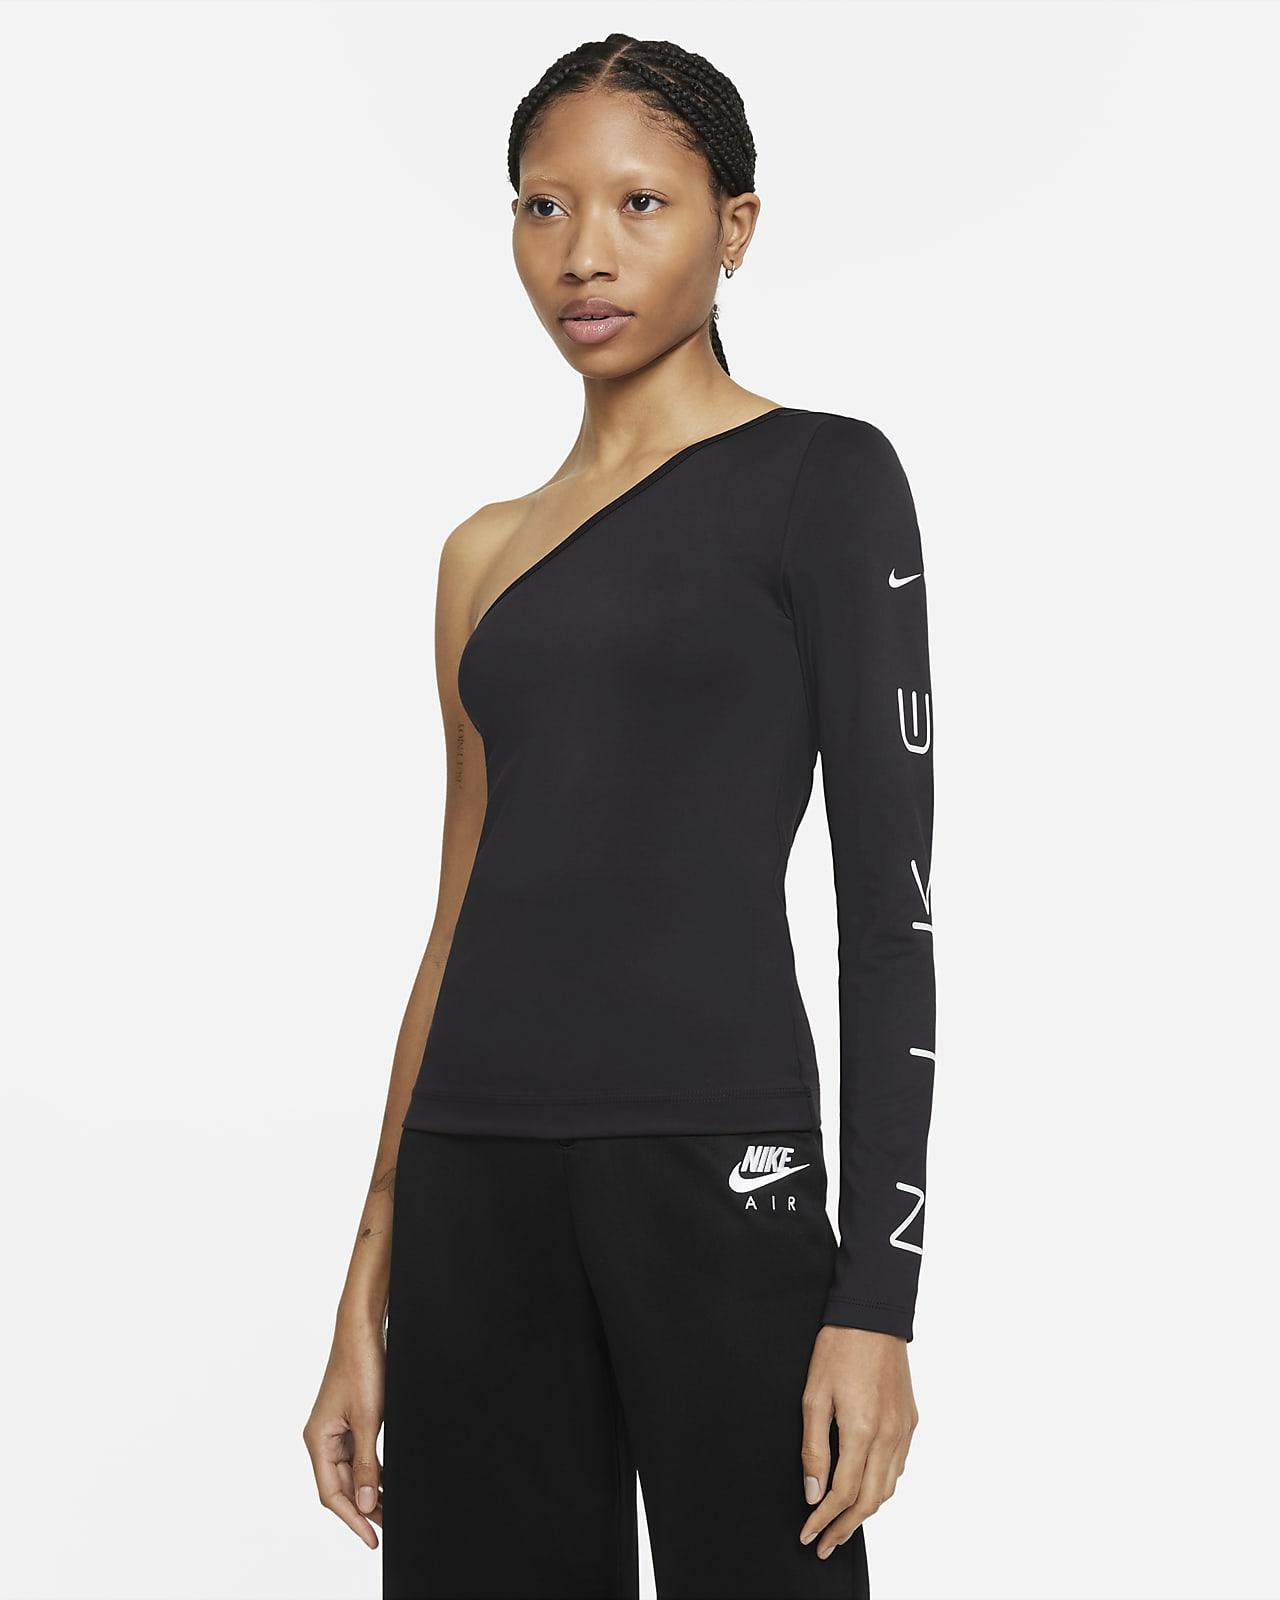 Nike Sportswear Women's Asymmetrical Long-Sleeve Top